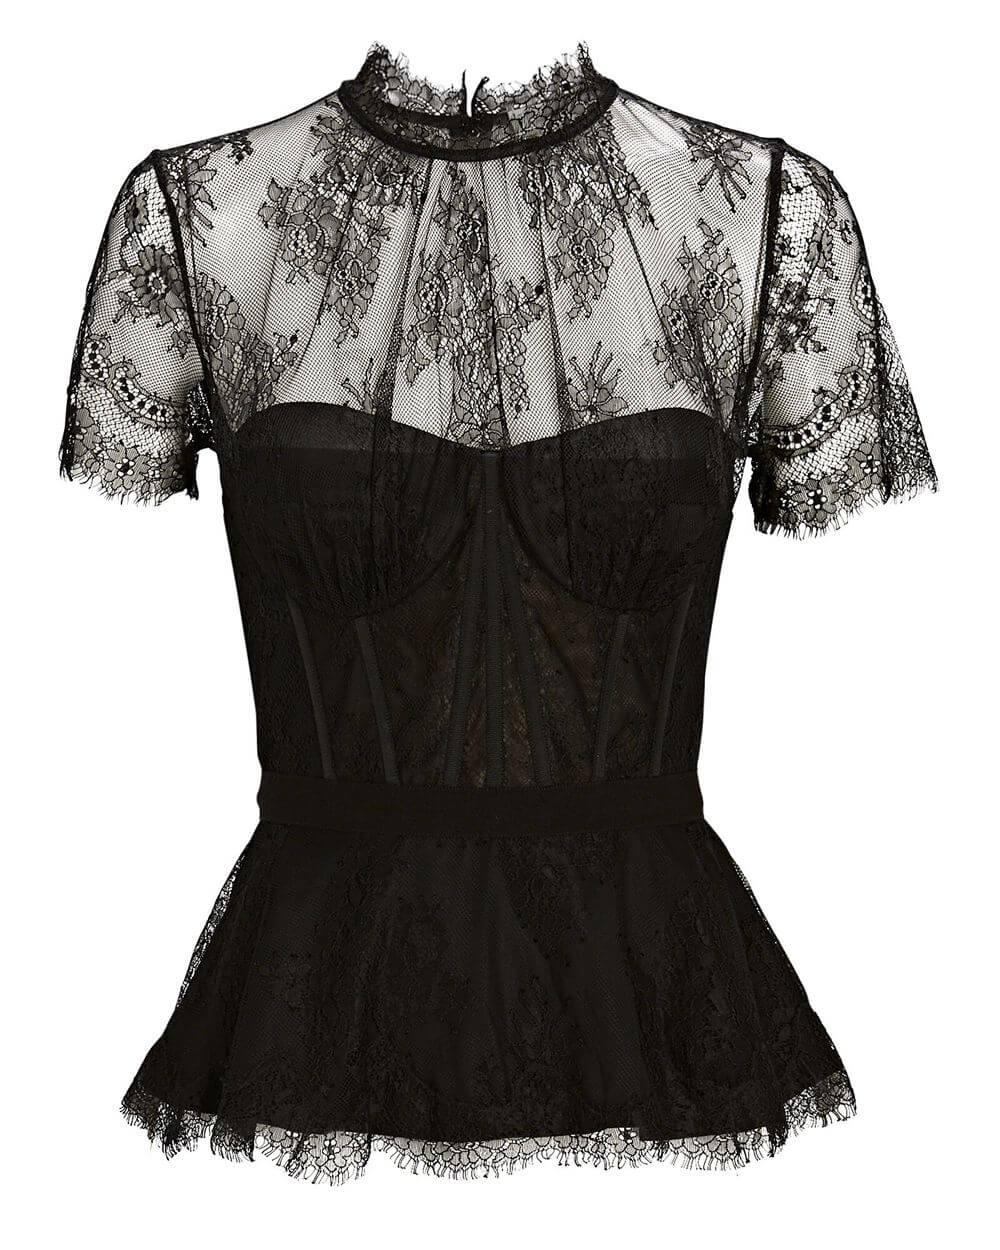 Kehlani Lingerie Lace Bustier Top Item # 520-2096-E